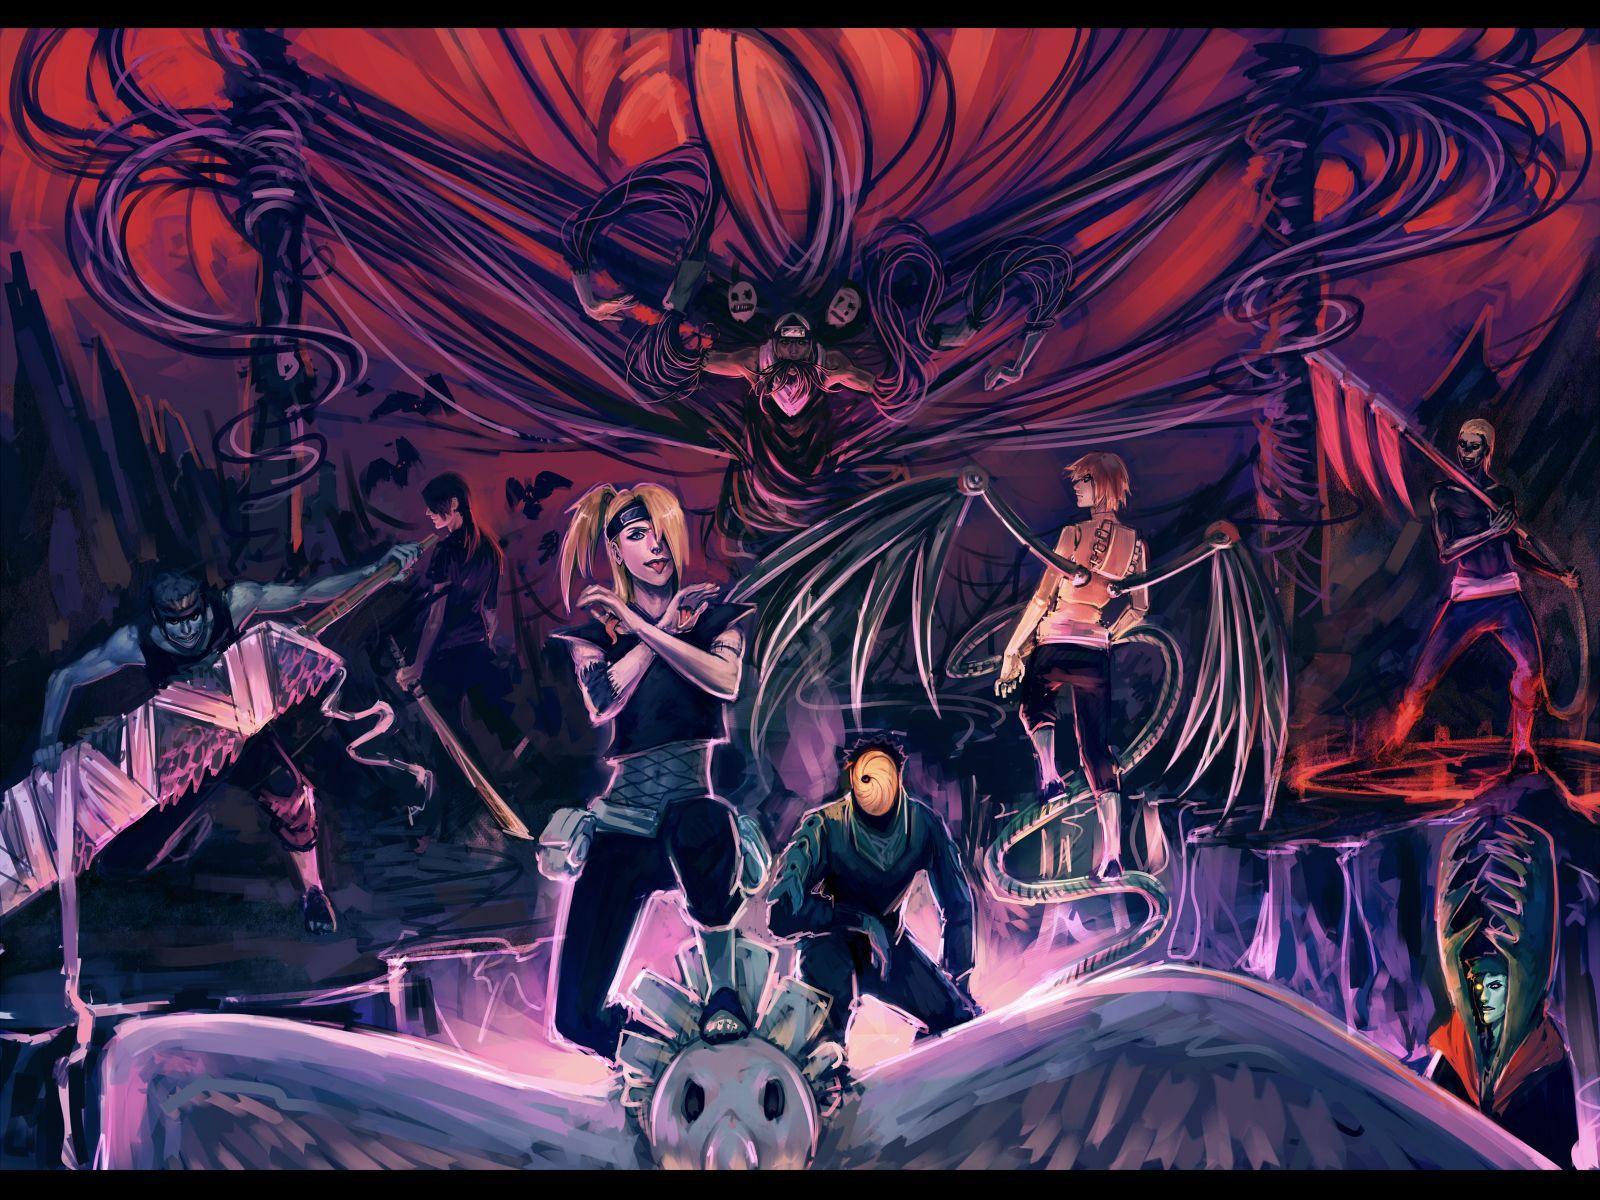 Naruto Akatsuki Wallpapers Top Free Naruto Akatsuki Backgrounds Wallpaperaccess